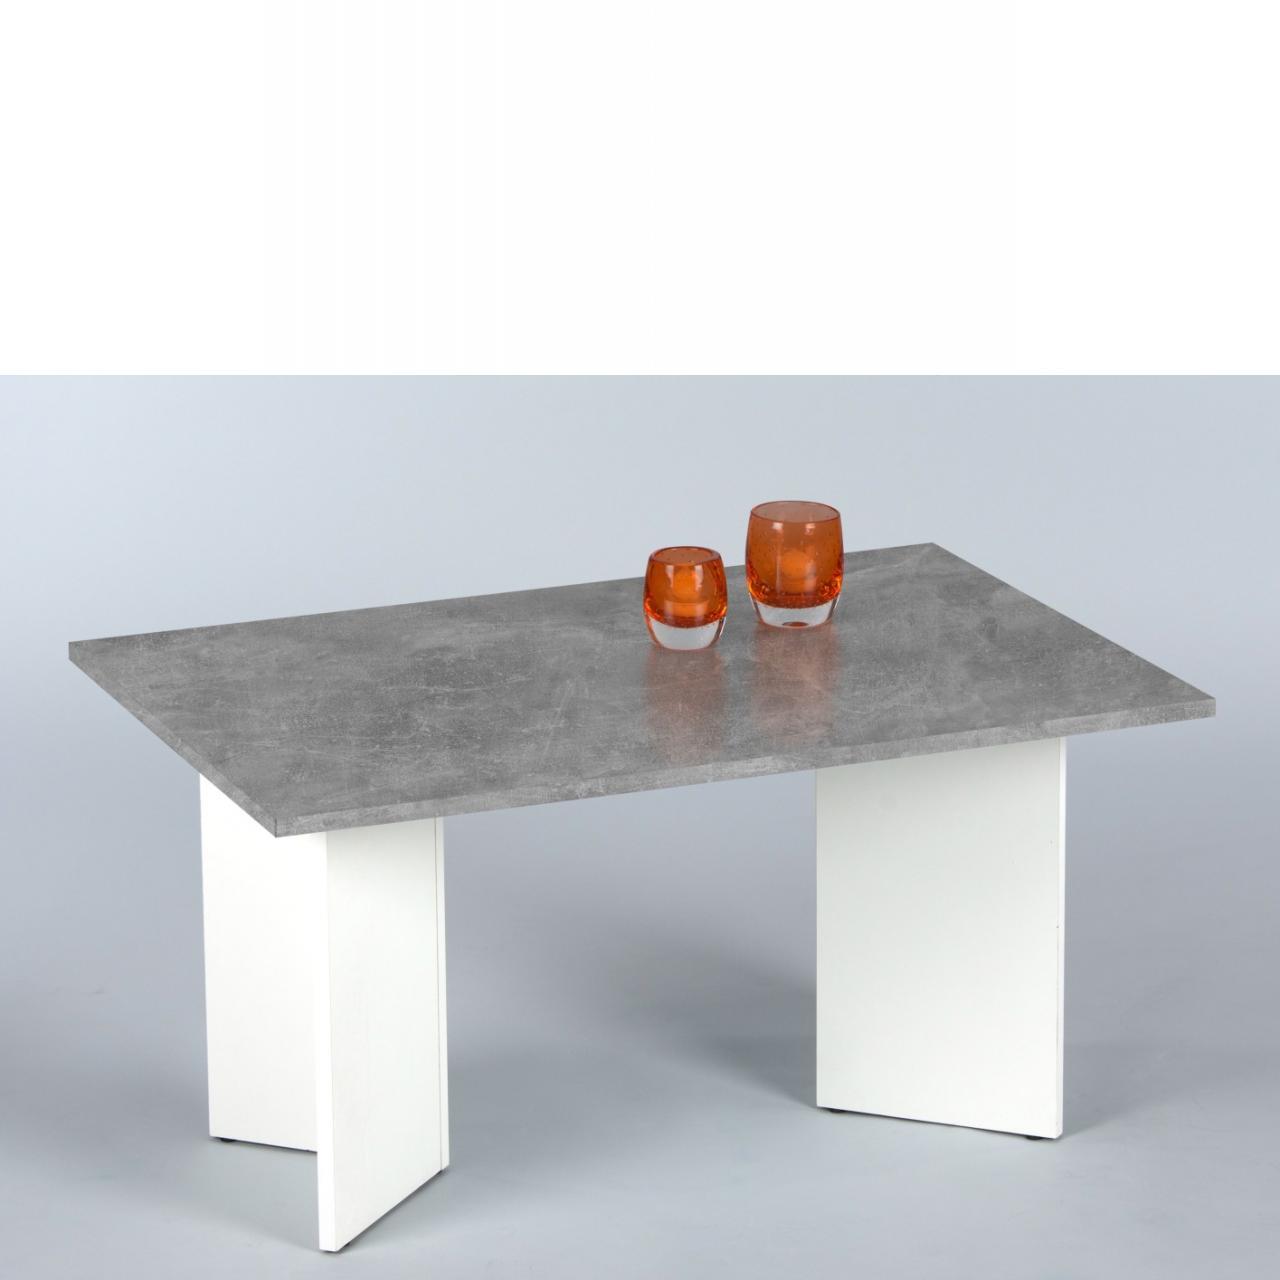 Couchtisch Minimal - Beton/Weiß